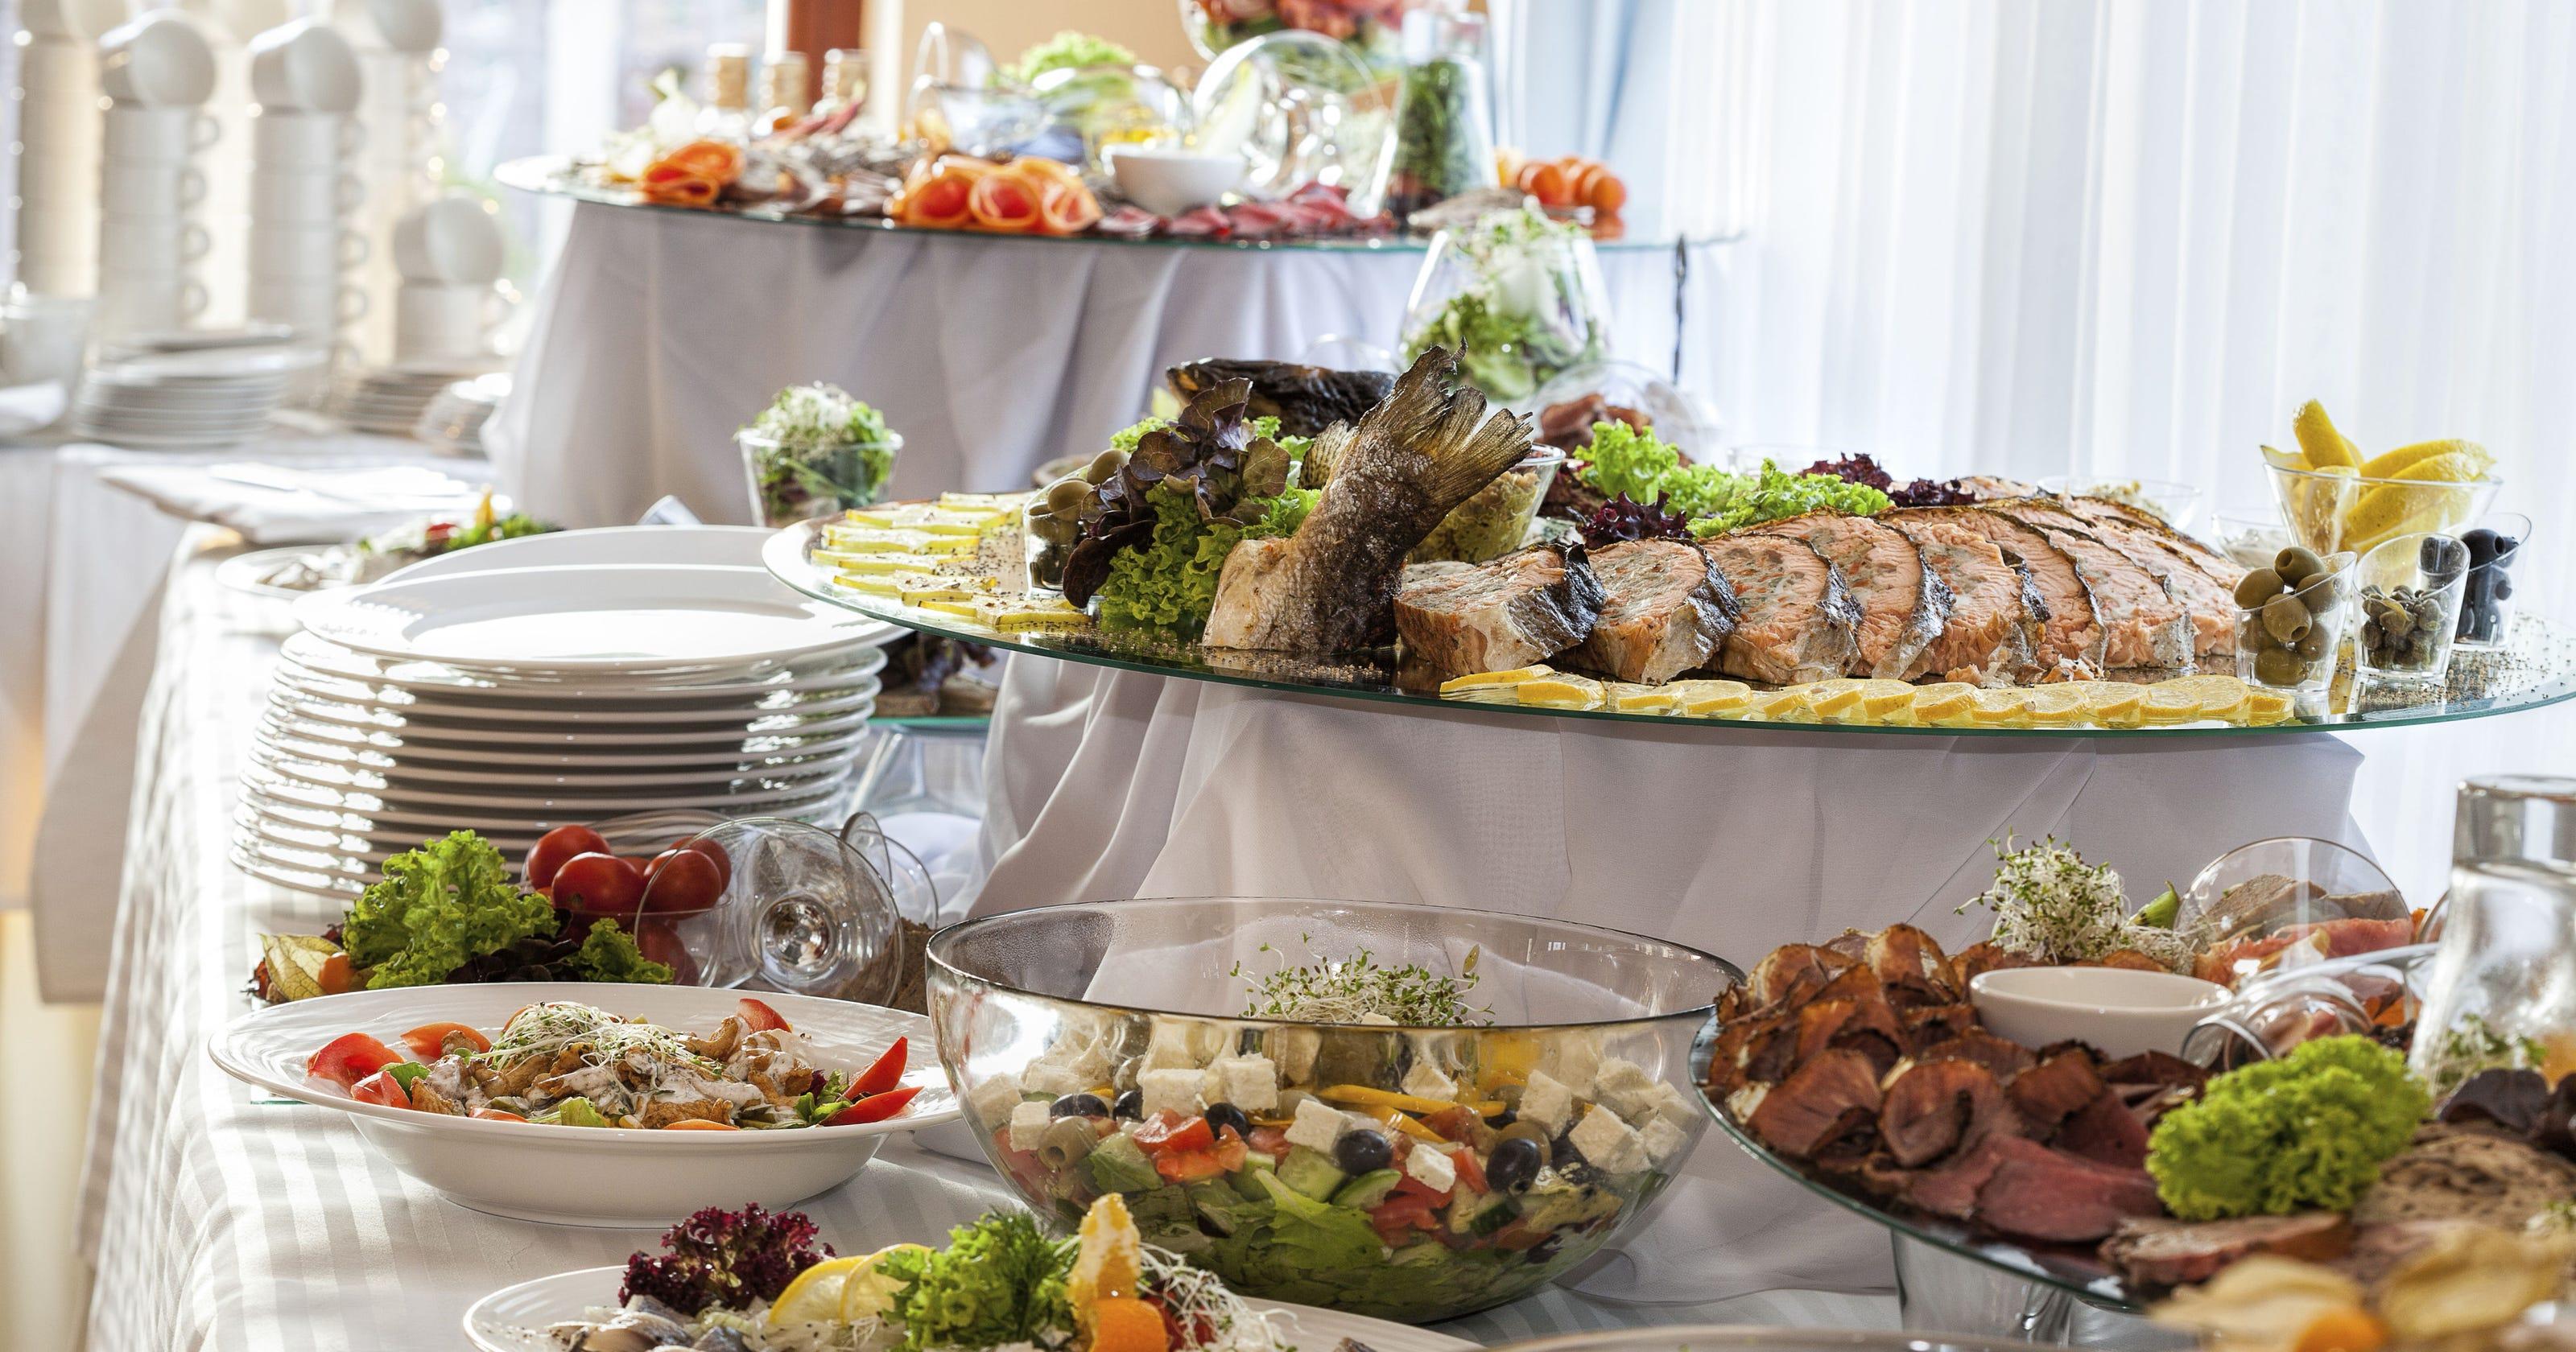 62 Easter Restaurants Open For Brunch Lunch Dinner In Fort